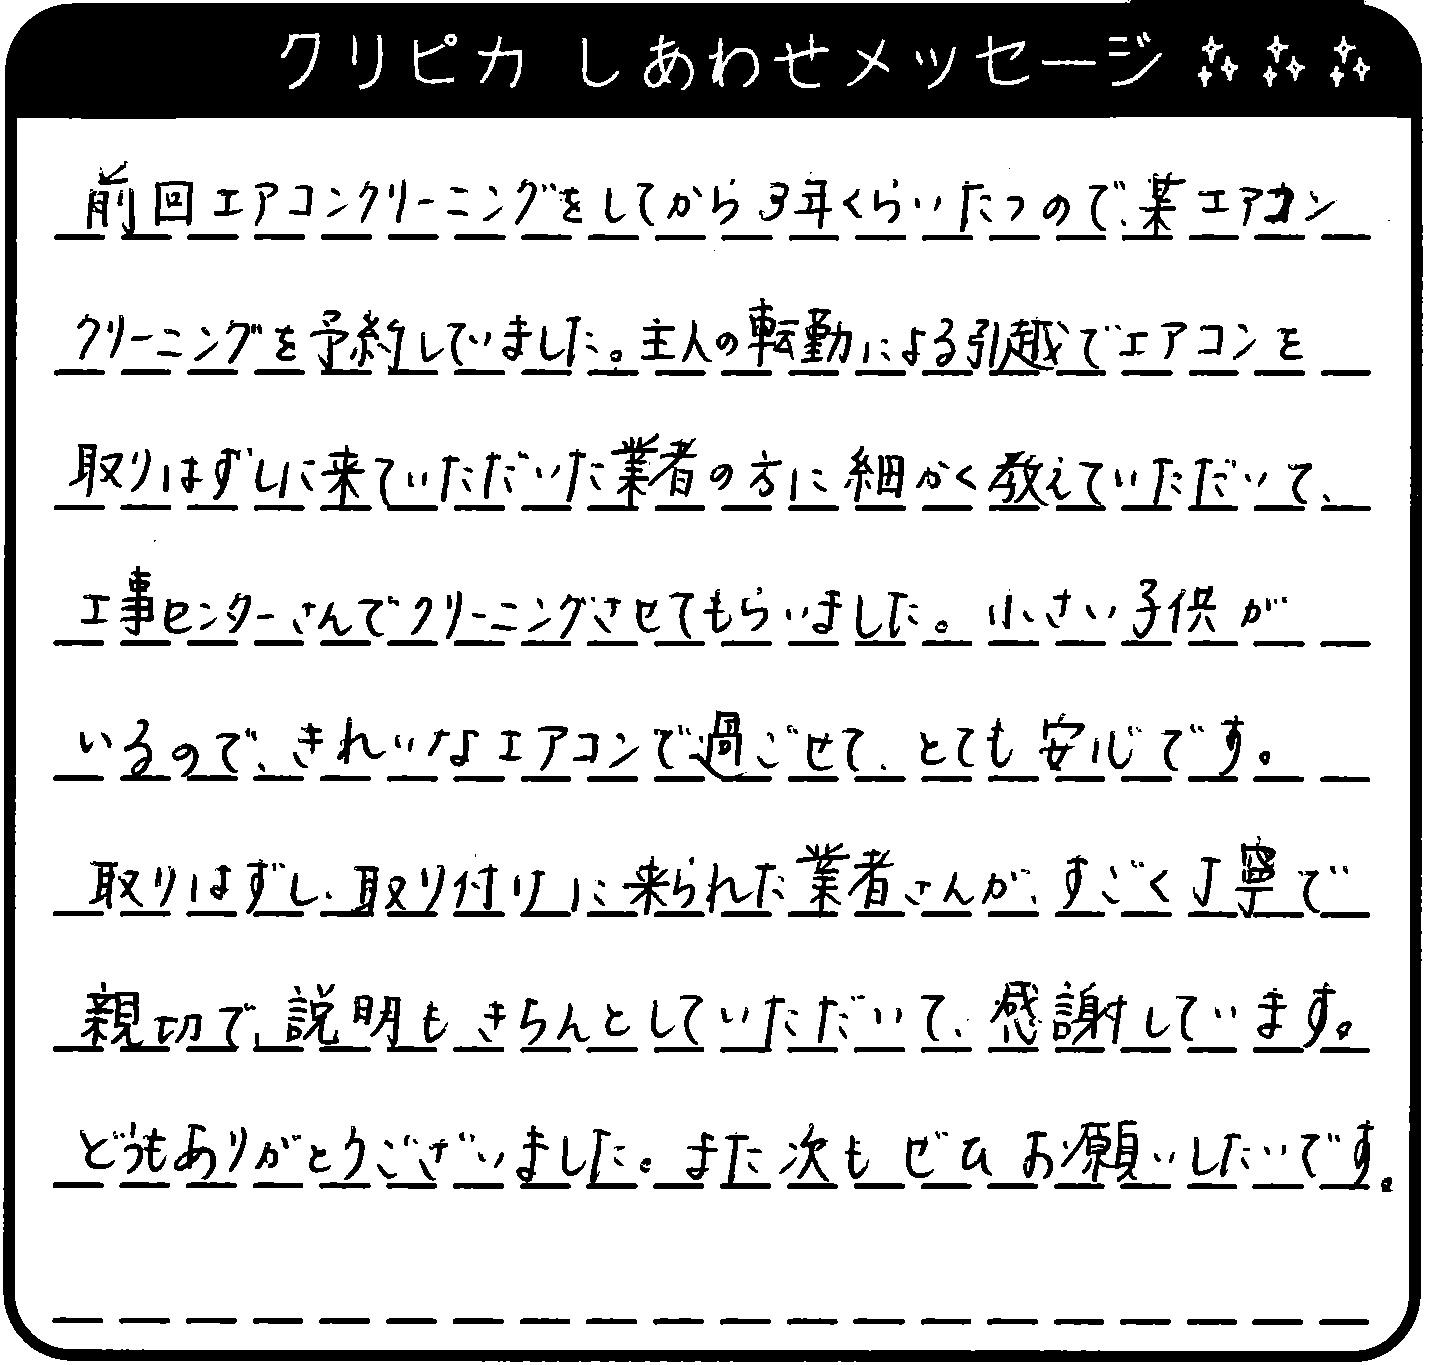 愛媛県 N様からのしあわせメッセージ